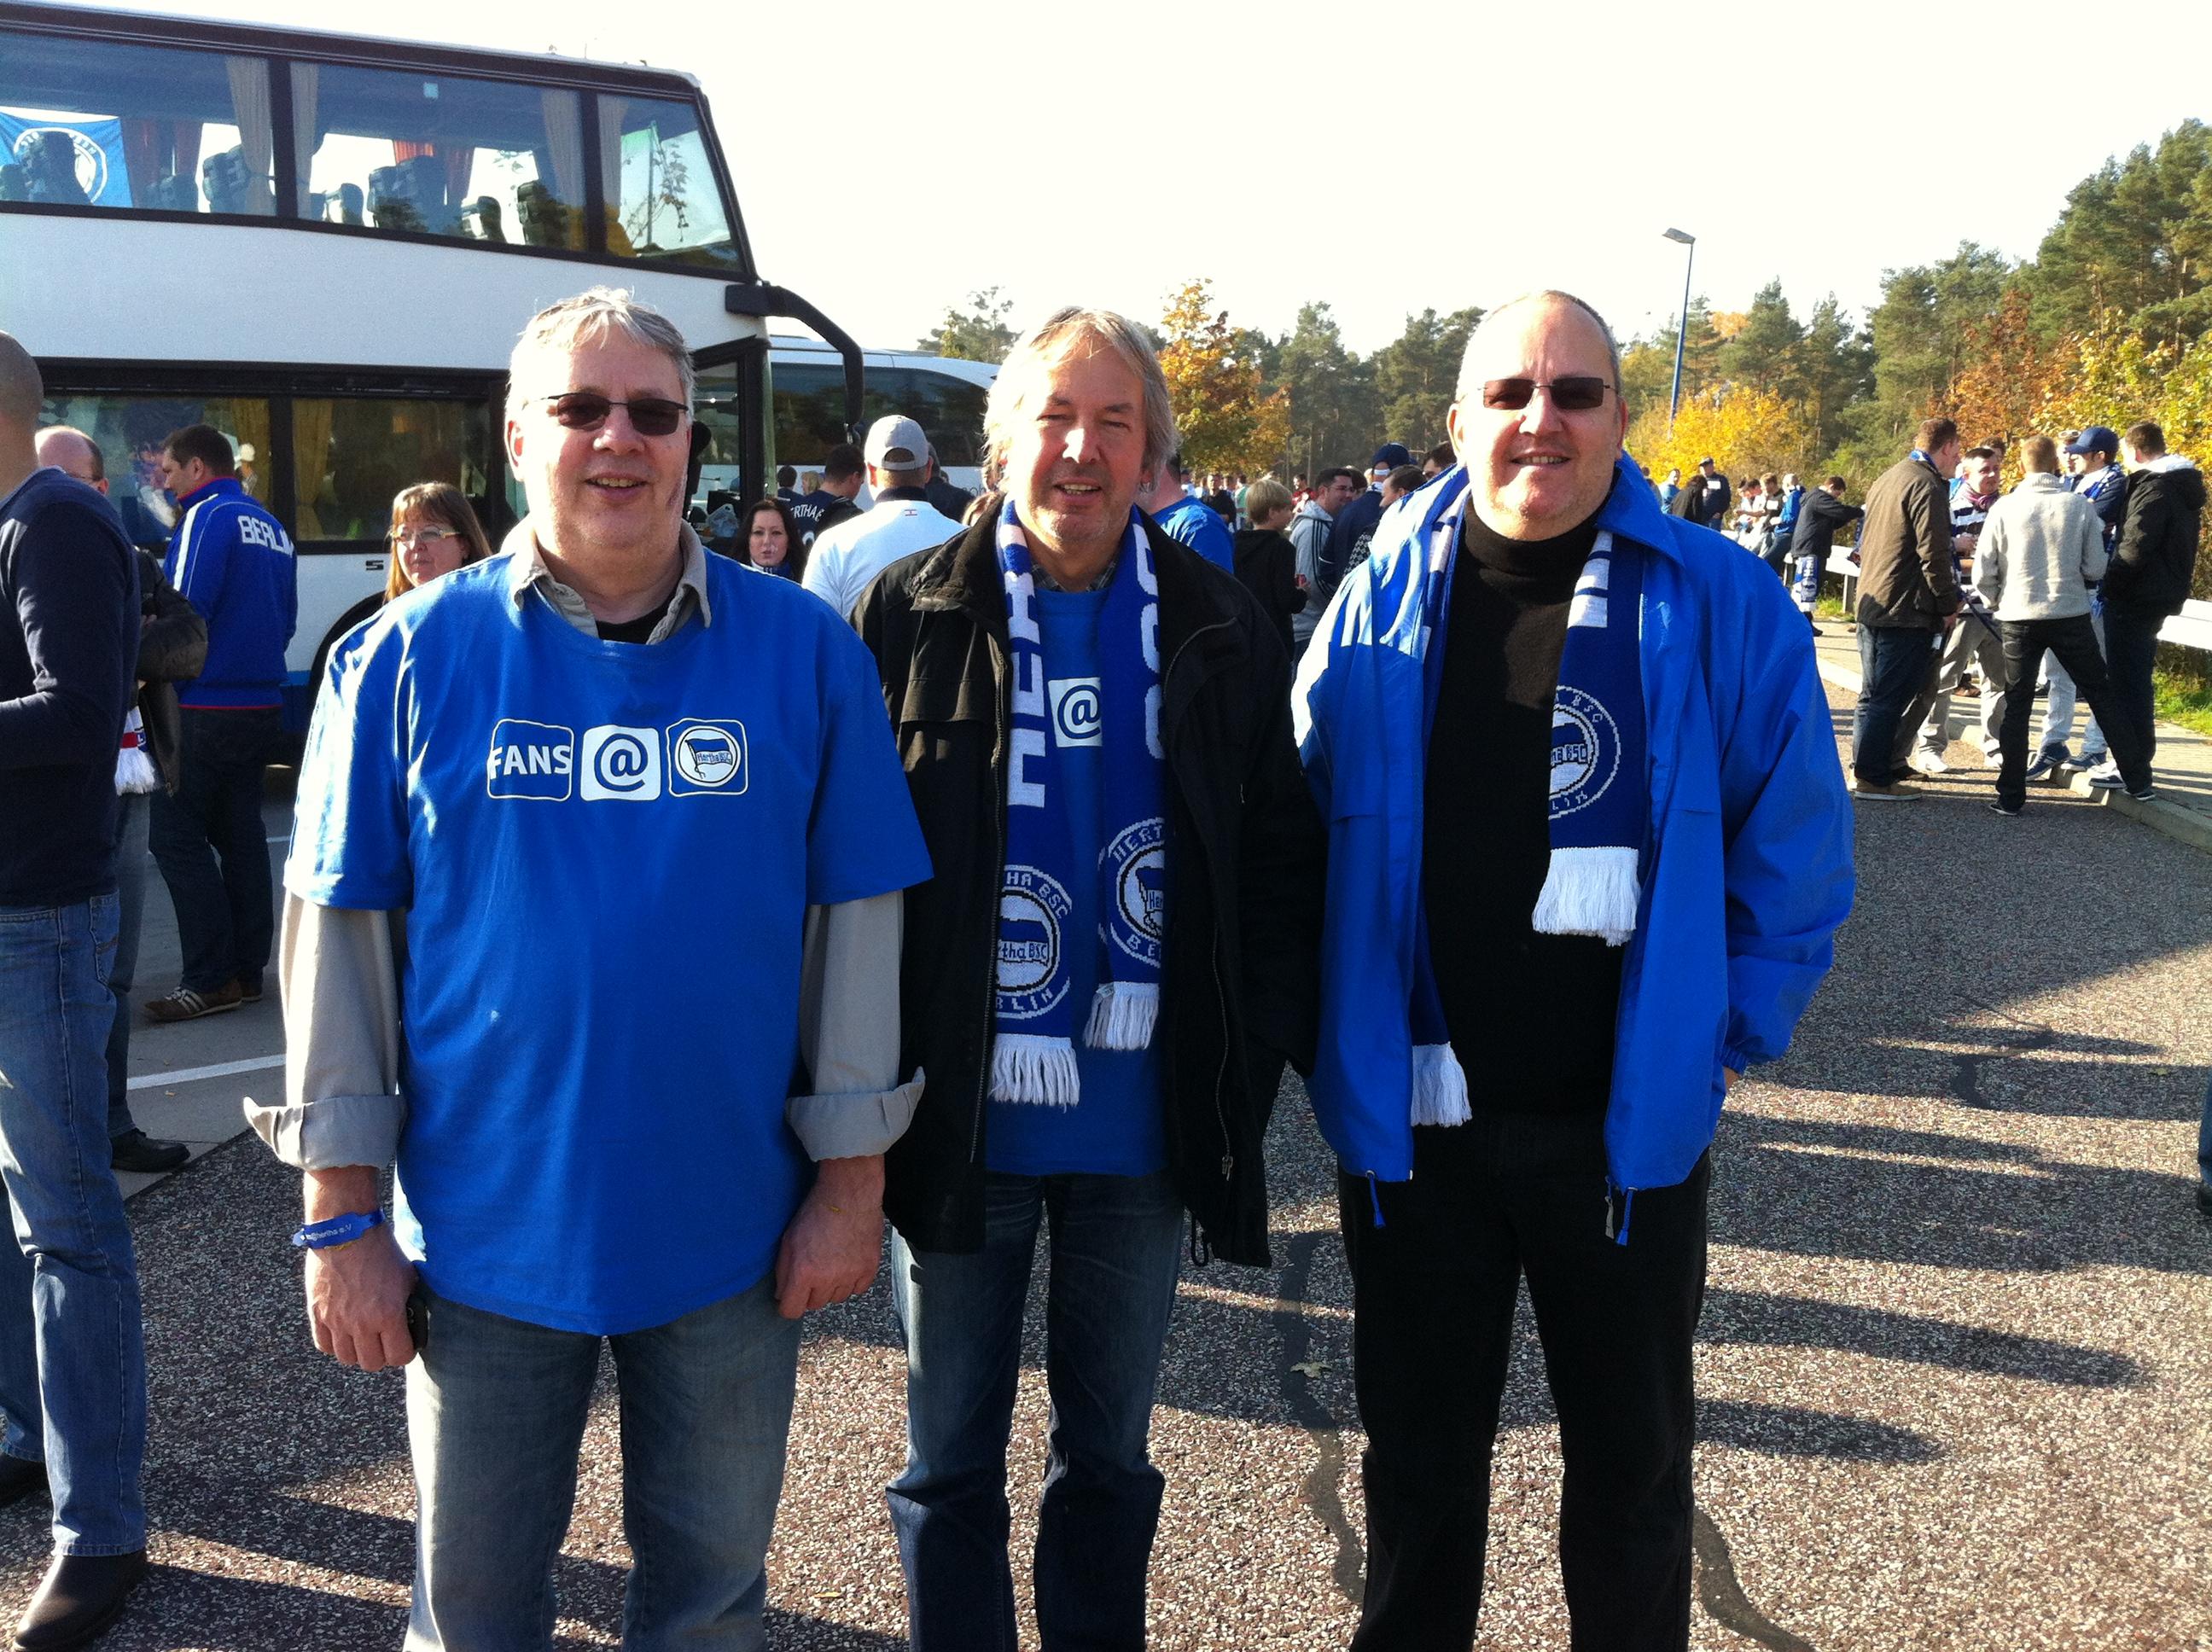 Klaus Becker (Mitte) mit seinen Brüdern beim Auswärtsspiel in Wolfsburg.